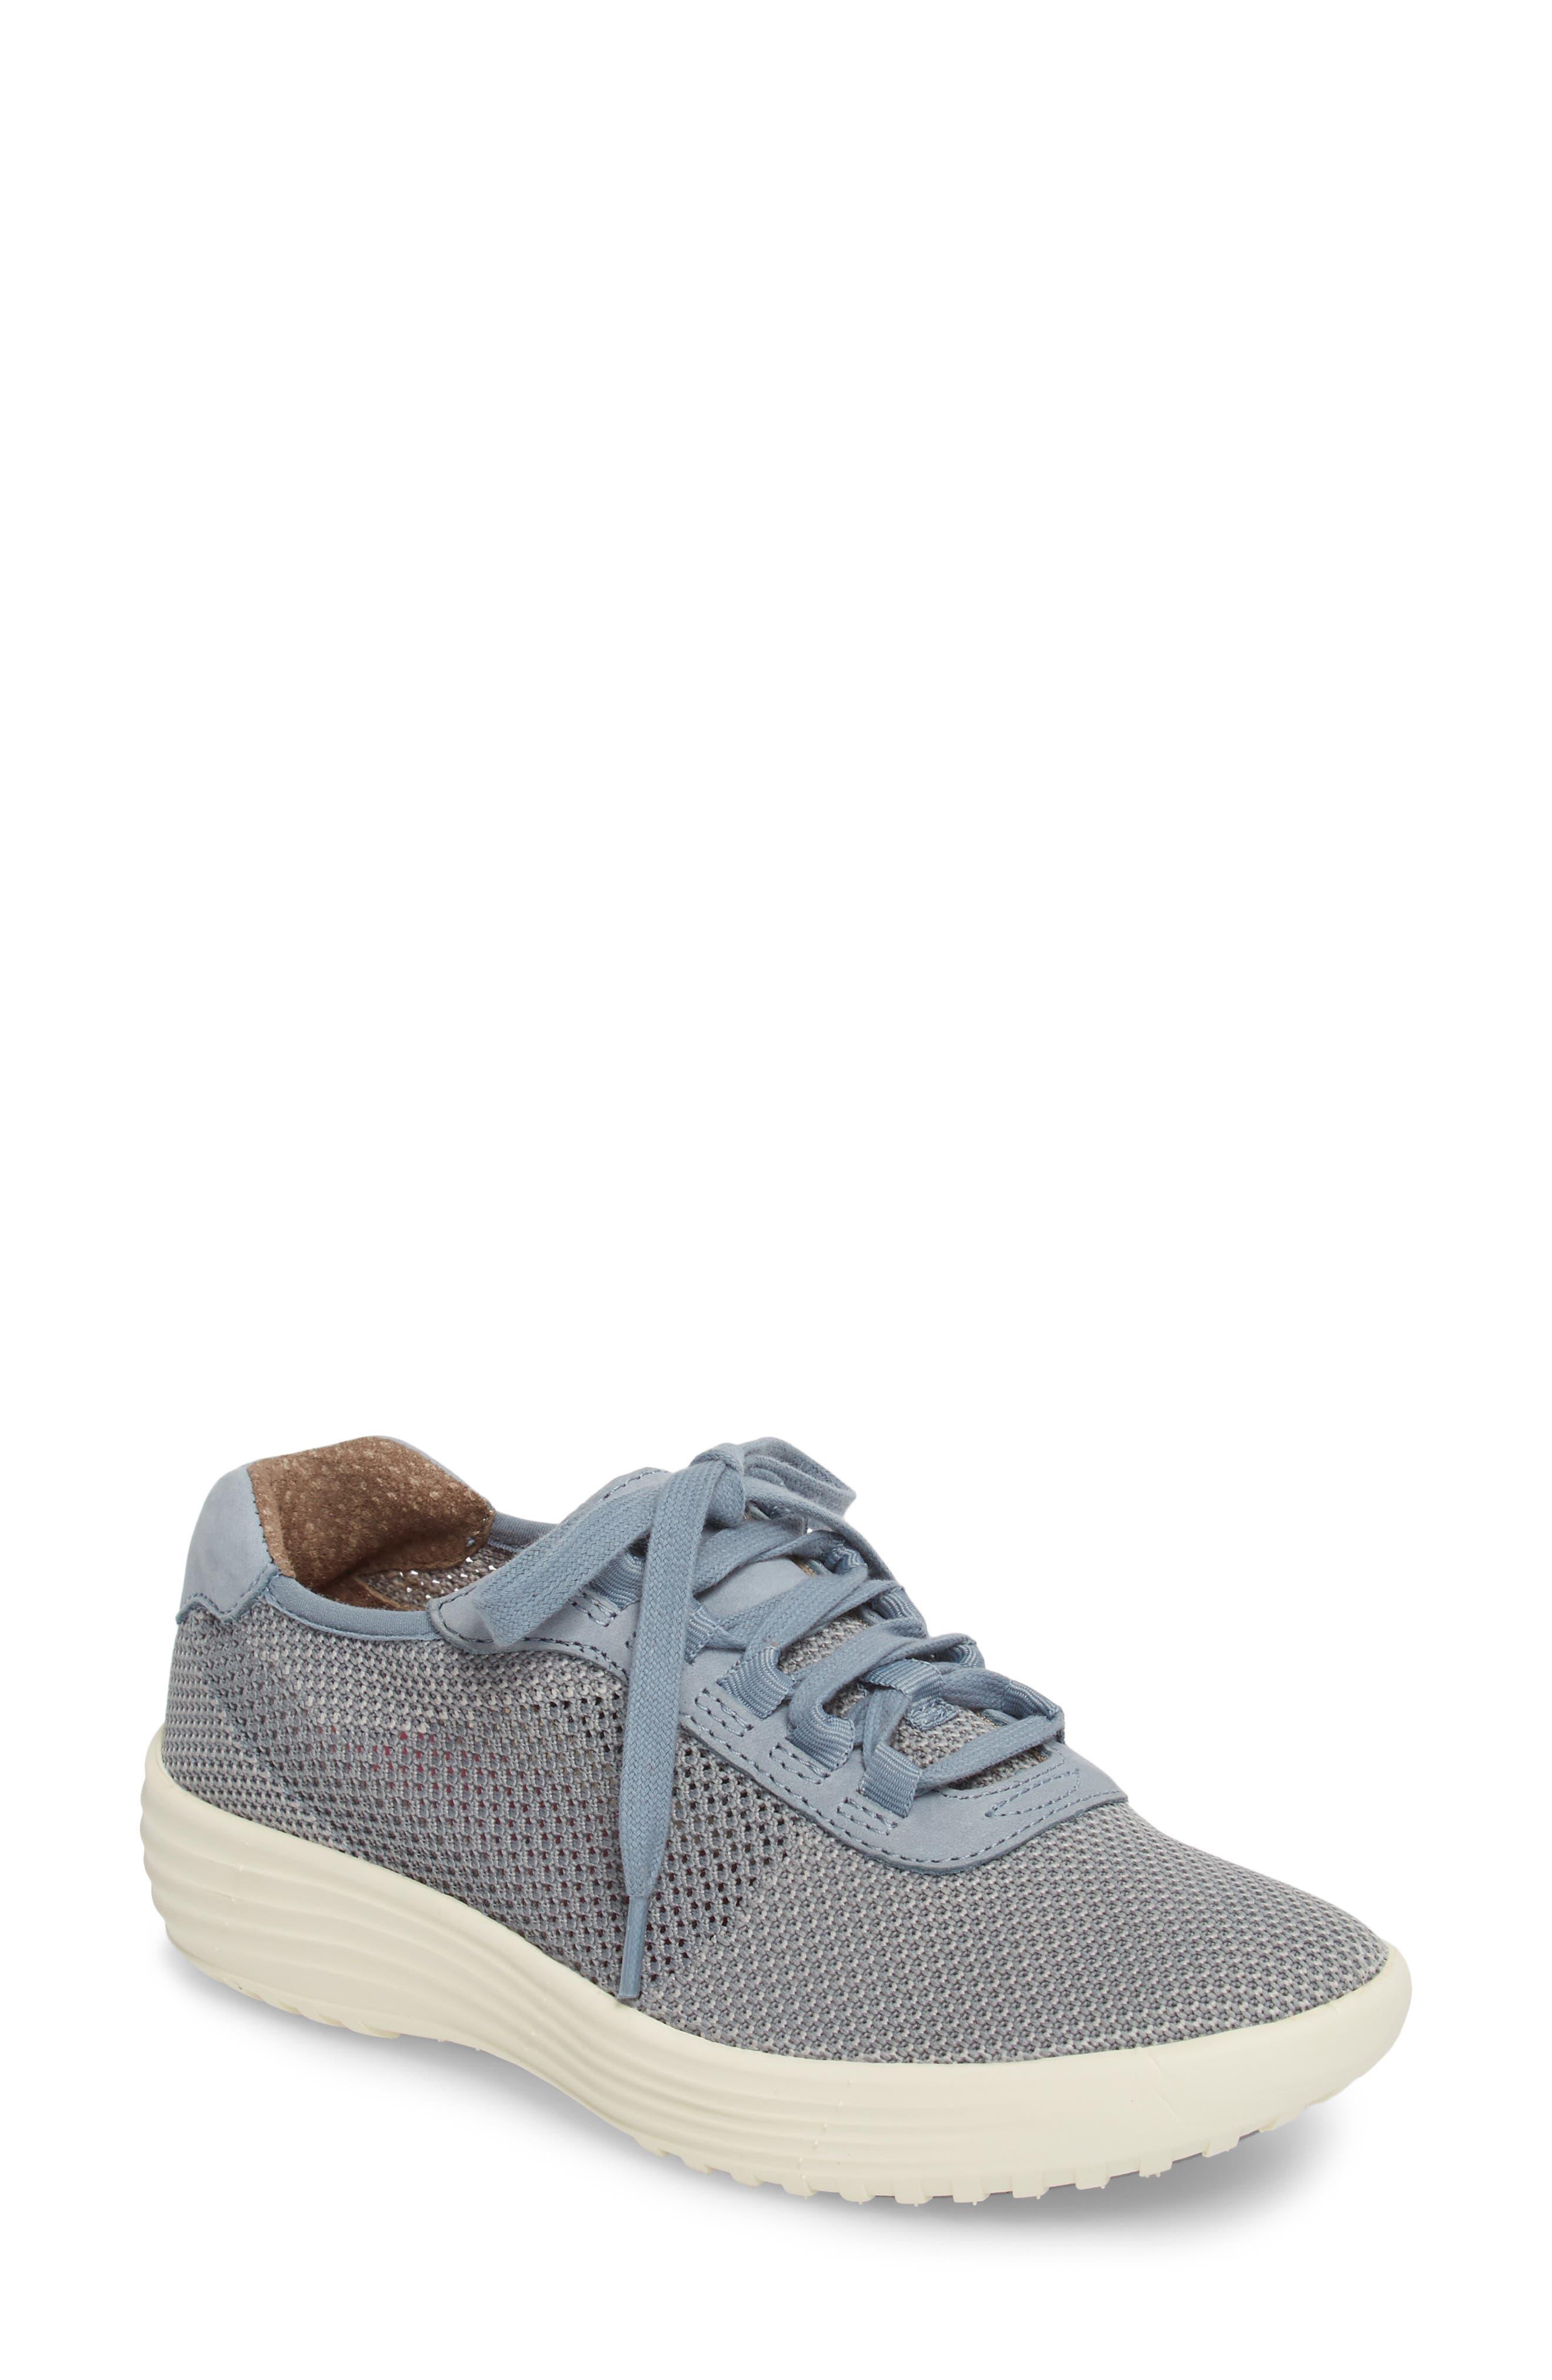 Malibu Sneaker,                             Main thumbnail 1, color,                             Chambray Grey Knit Fabric